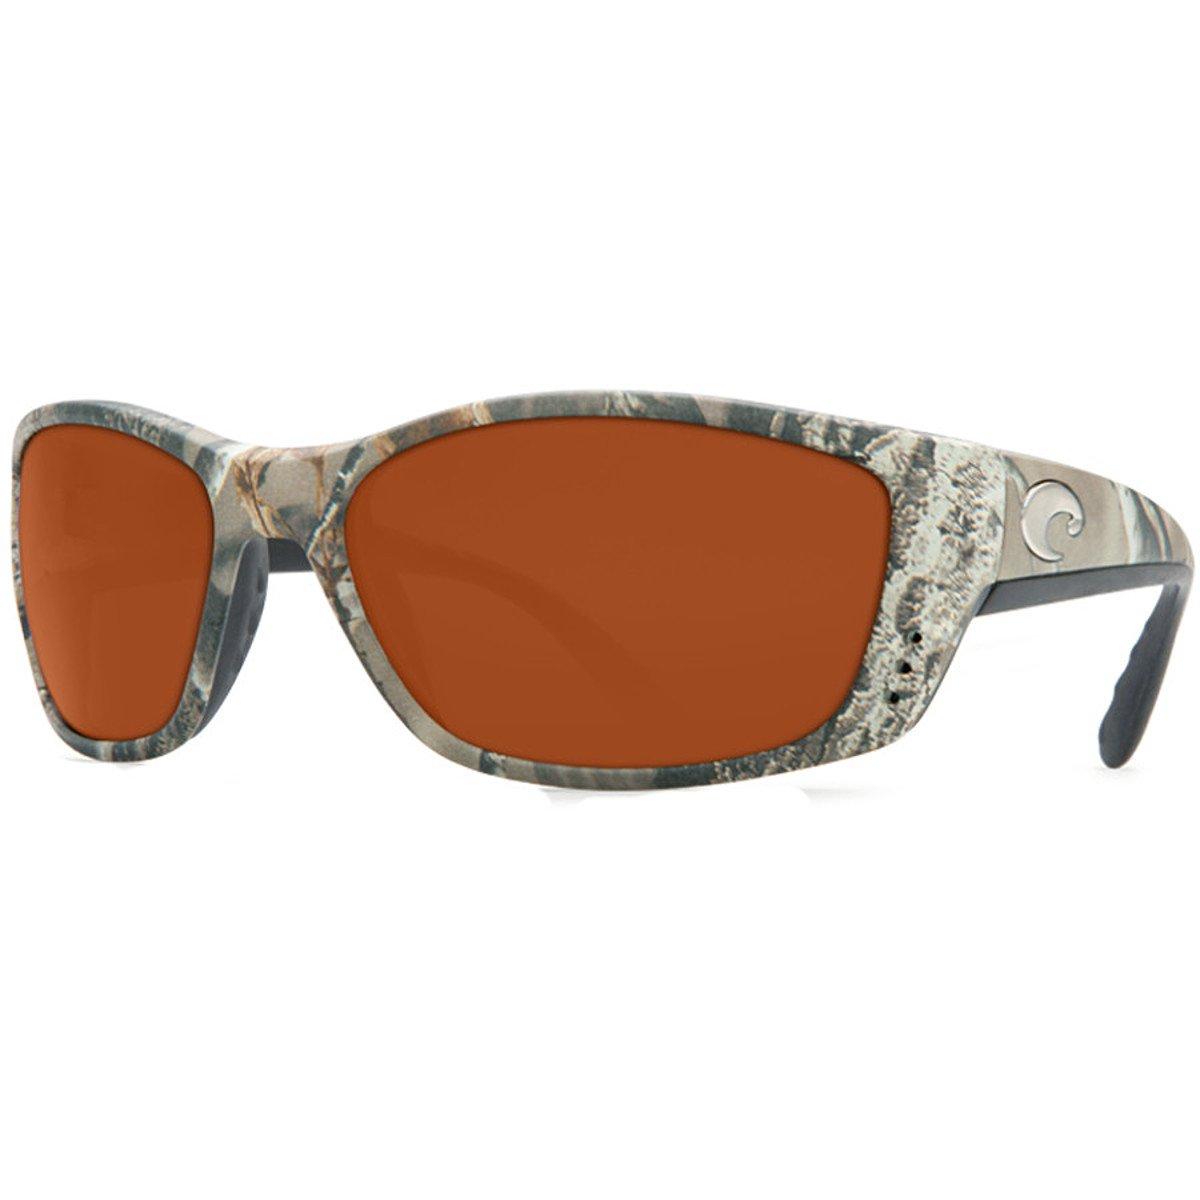 fb6bdffaf79 Amazon.com  Costa Del Mar Fisch Sunglasses Realtree AP Camo Copper 580P  Lens New  Clothing